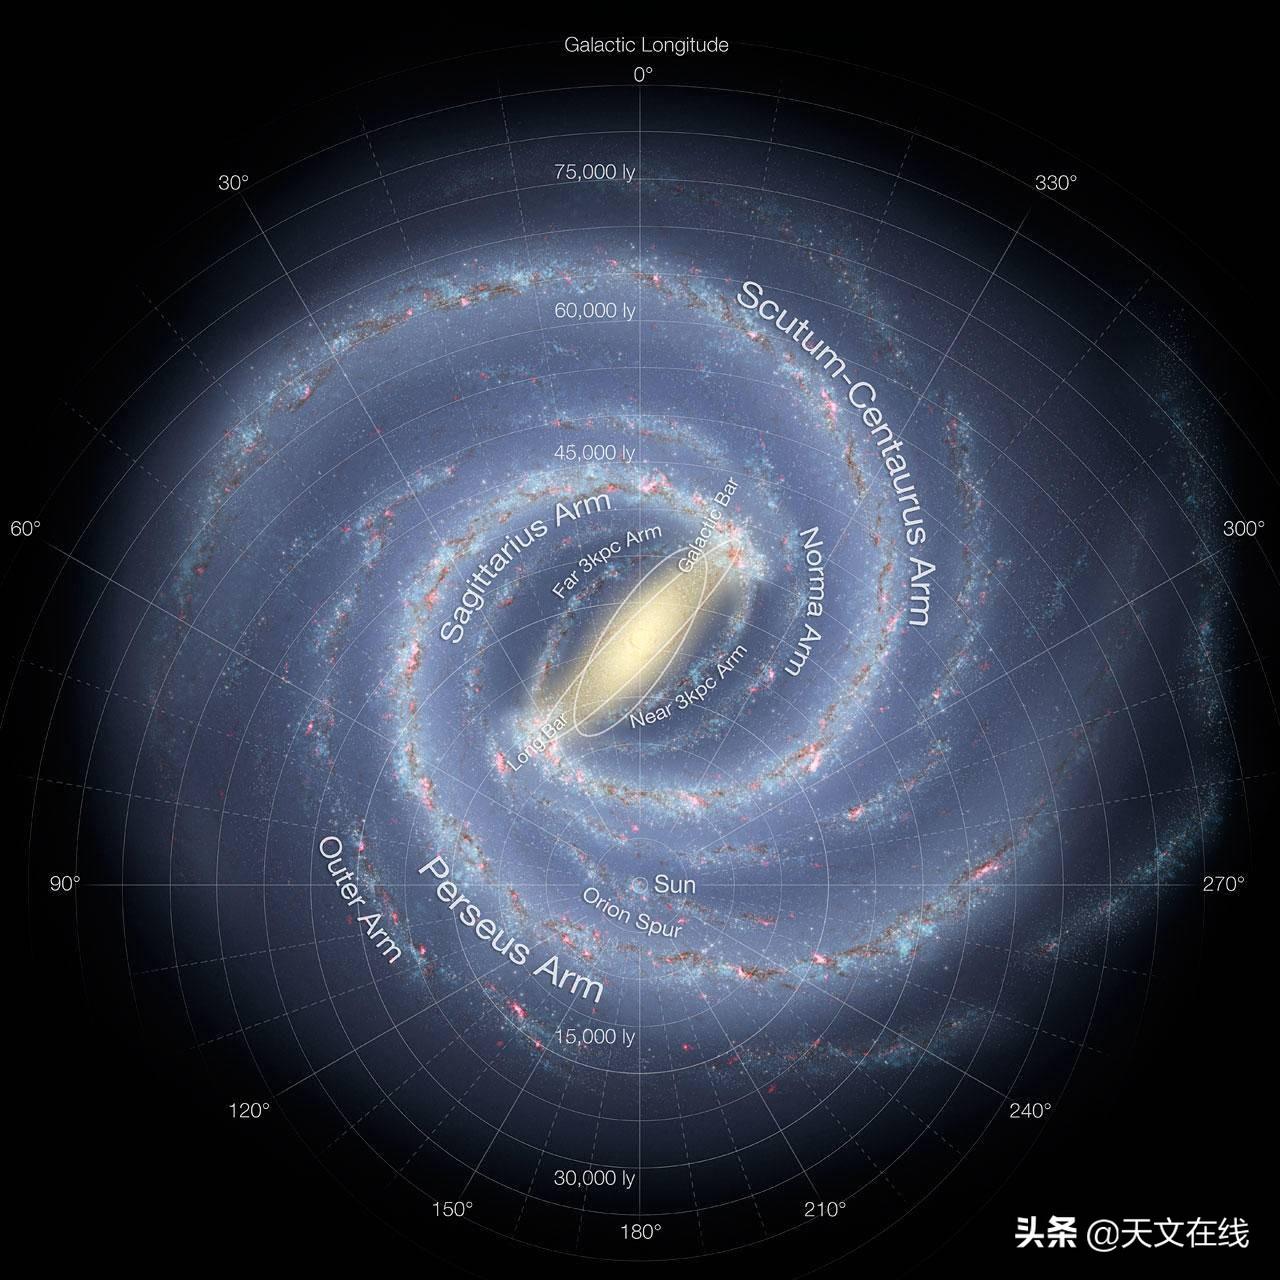 这张超清照片可以帮助我们解释银河系中心为何是奶油状的